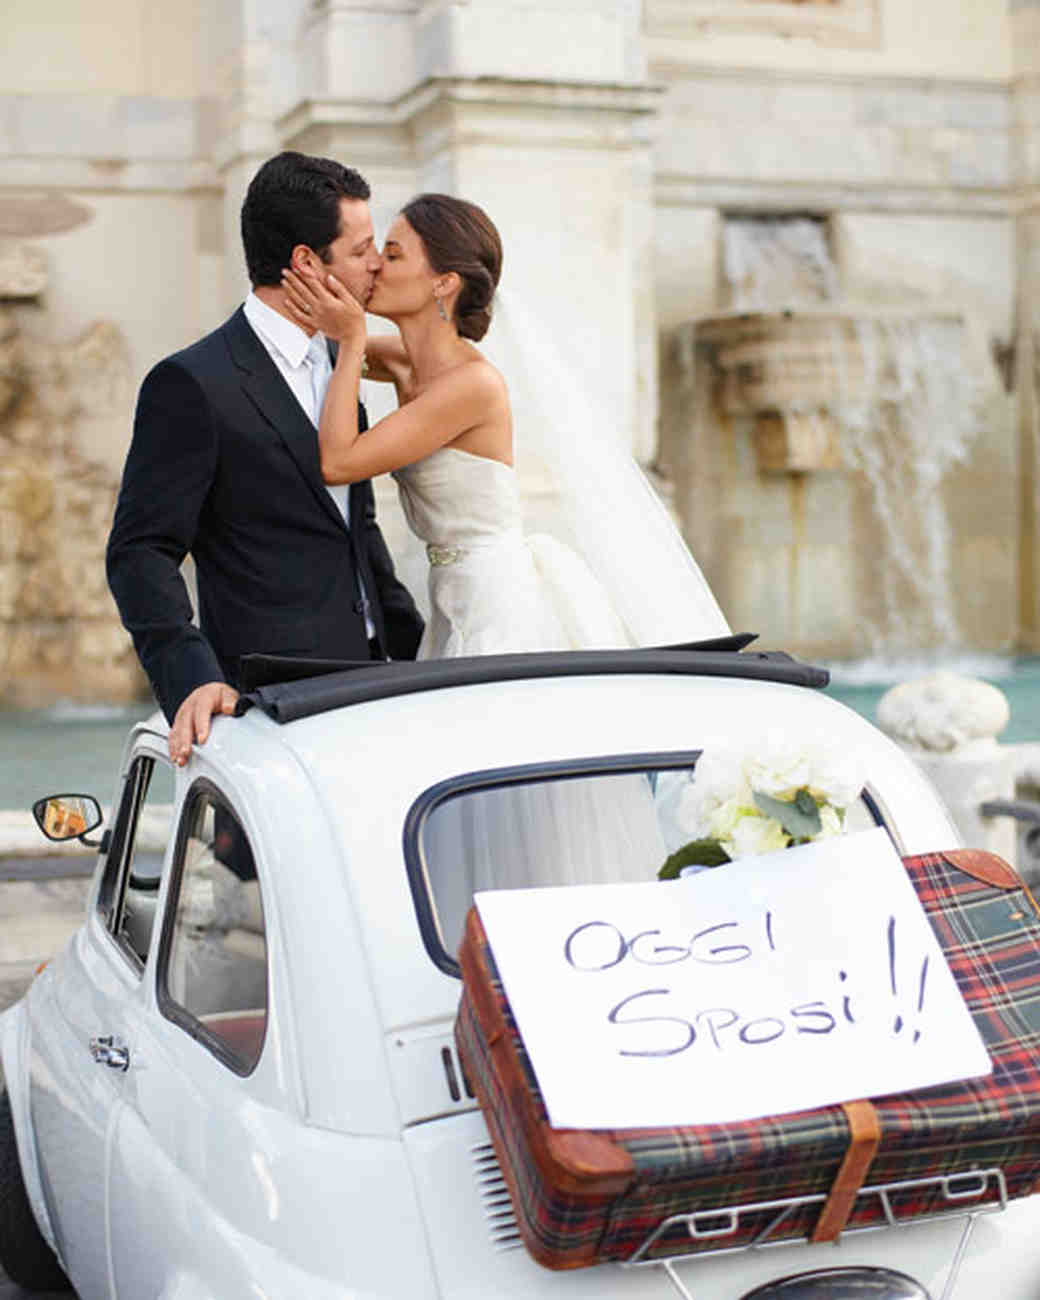 Fiat getaway car